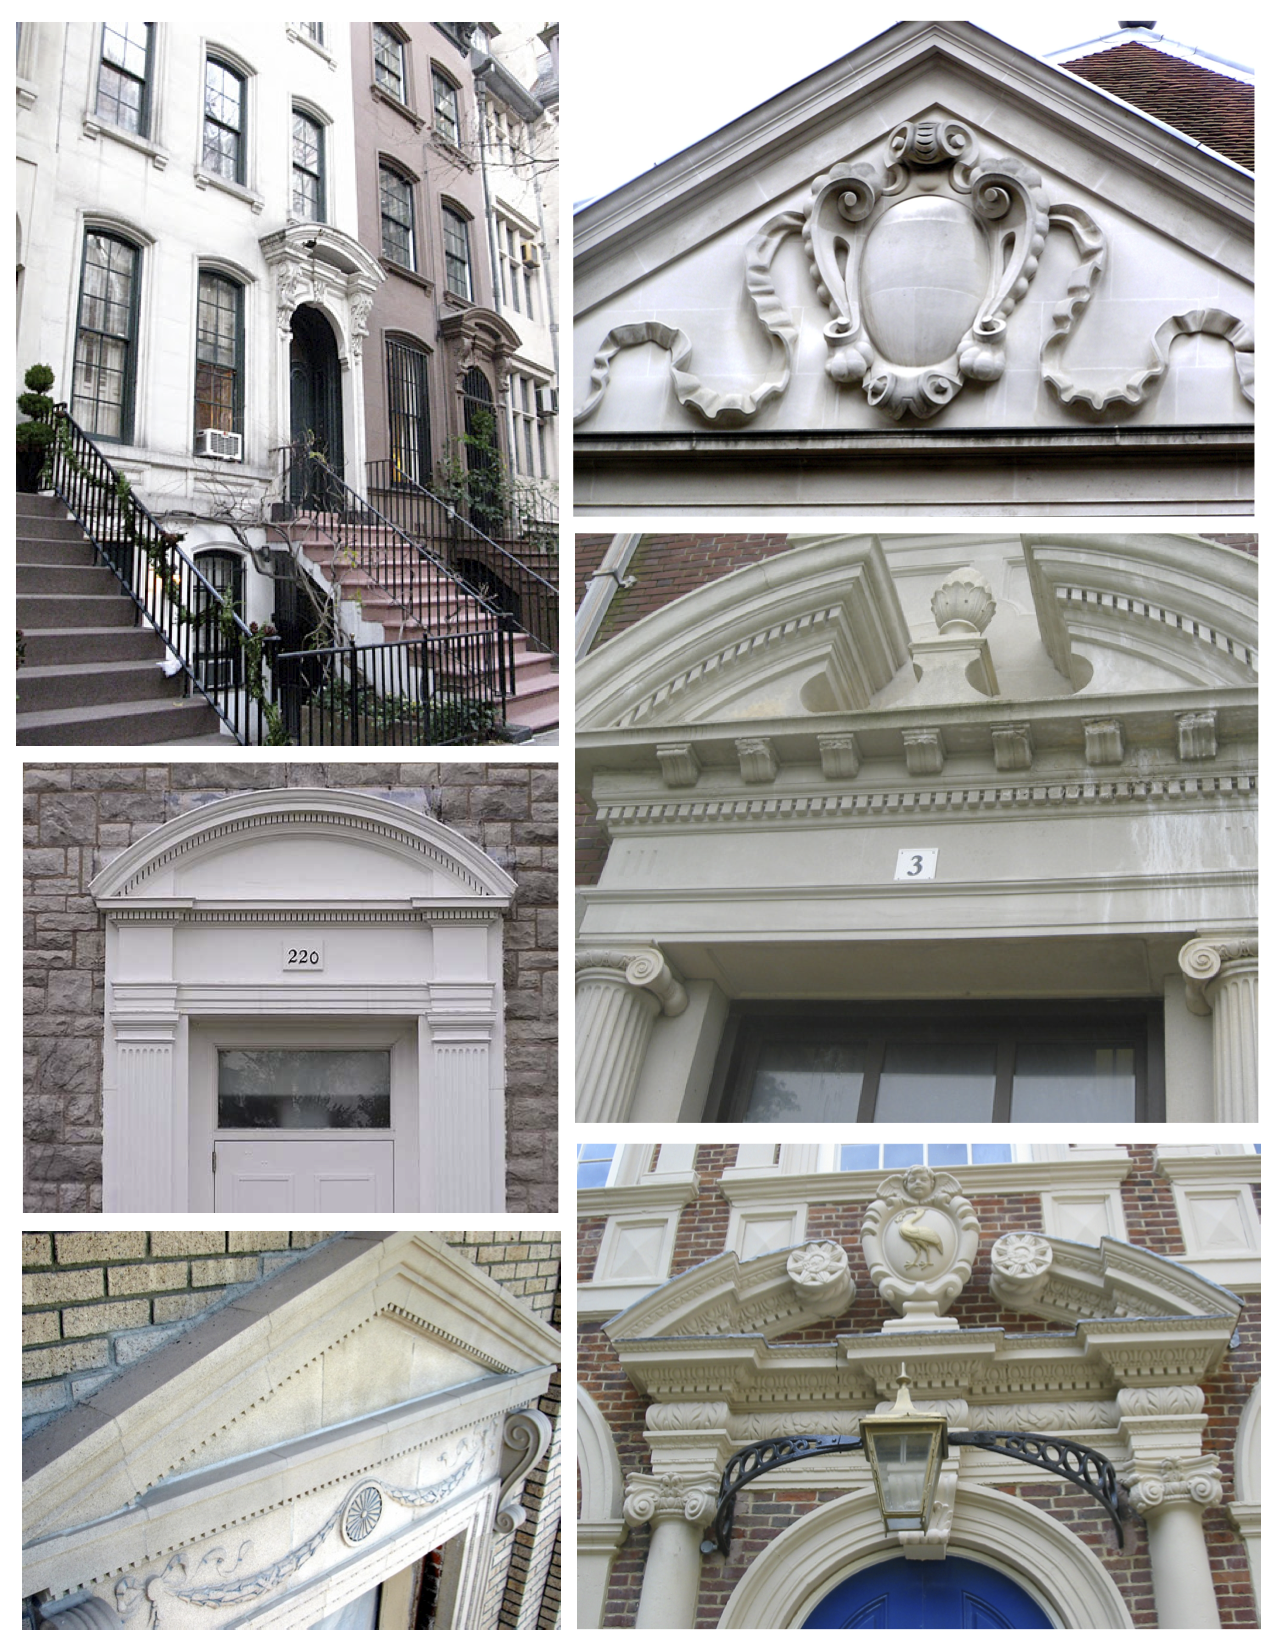 Architectural Building Elements : Pediments classical elements of ancient architecture